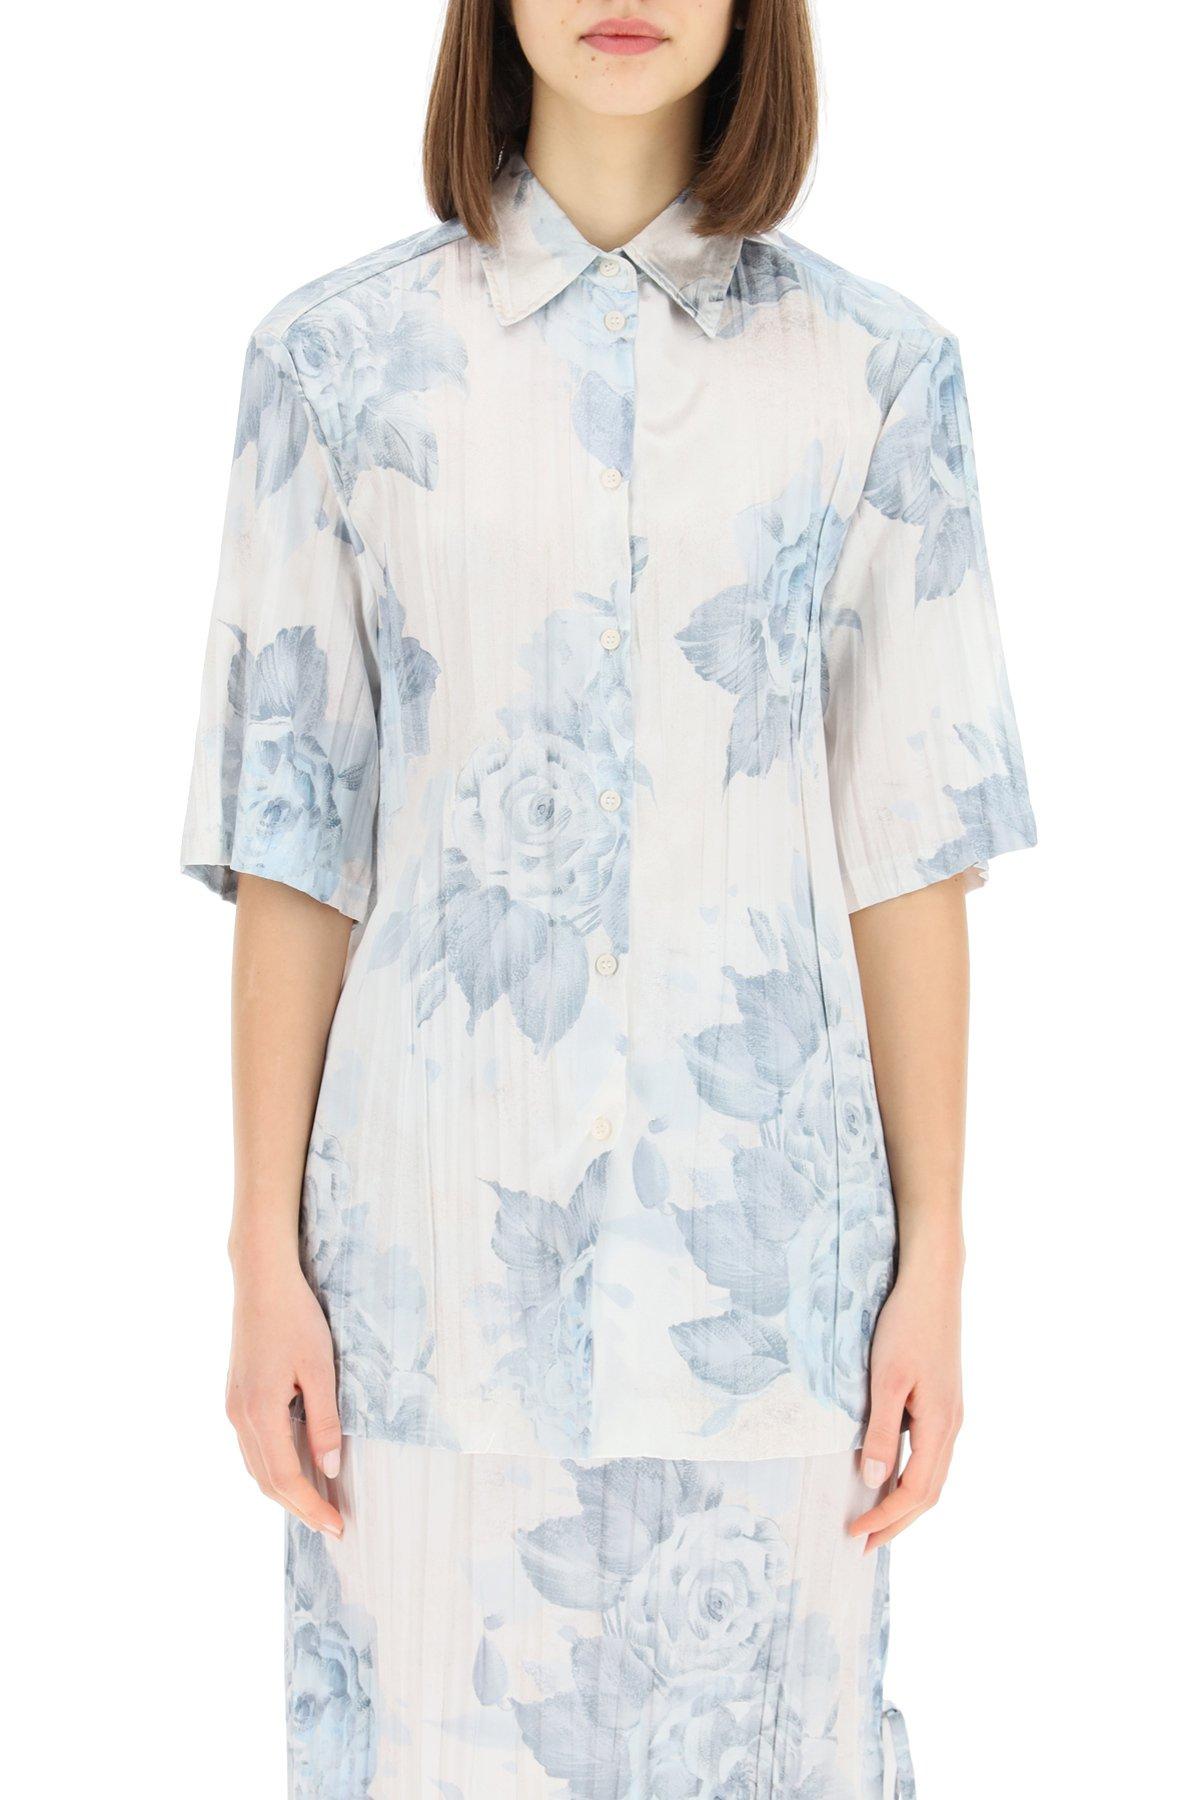 Acne studios camicia in raso plissé floreale